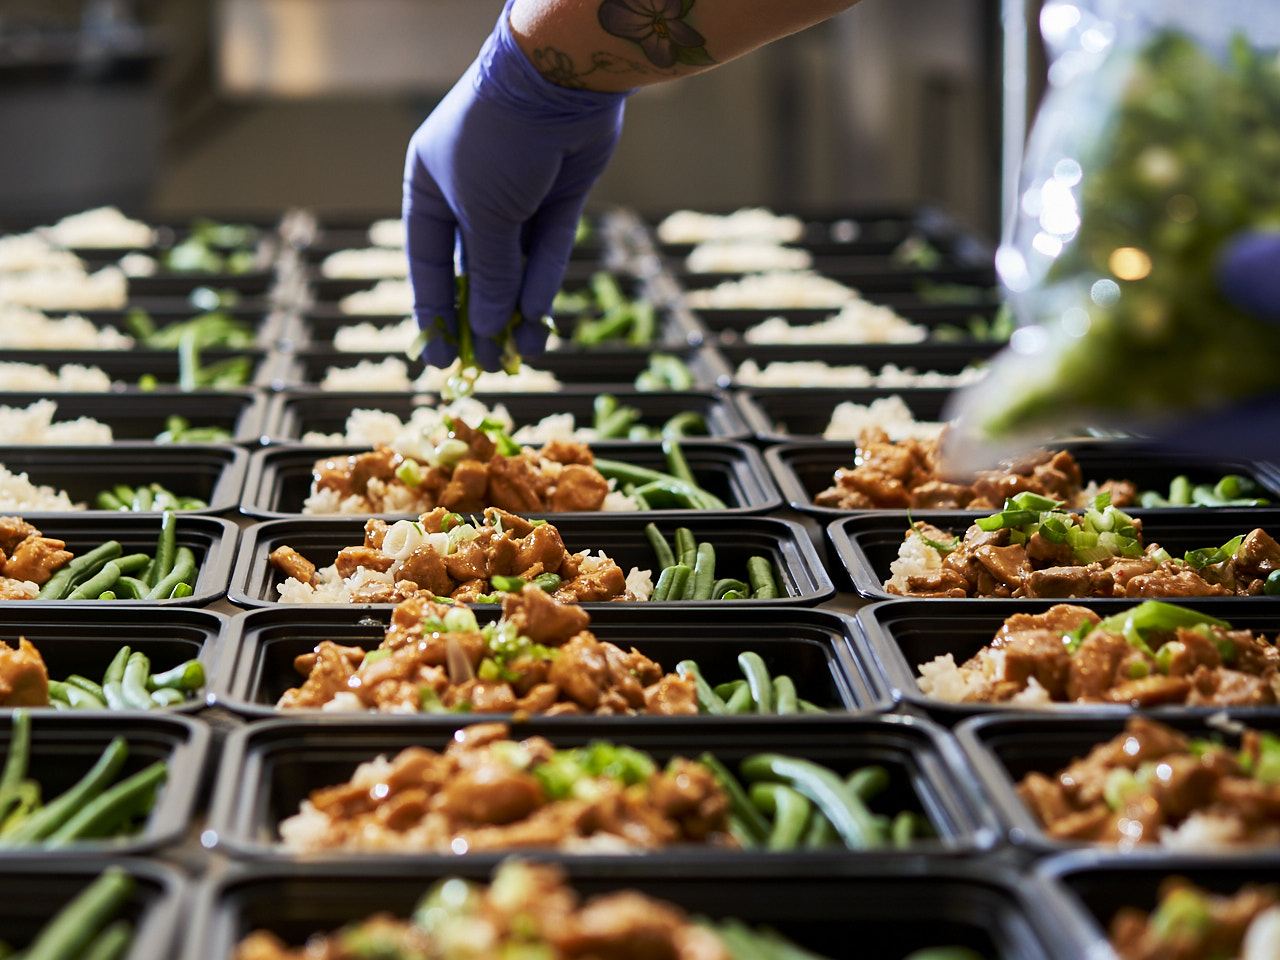 East Bay Meal Prep preparing food